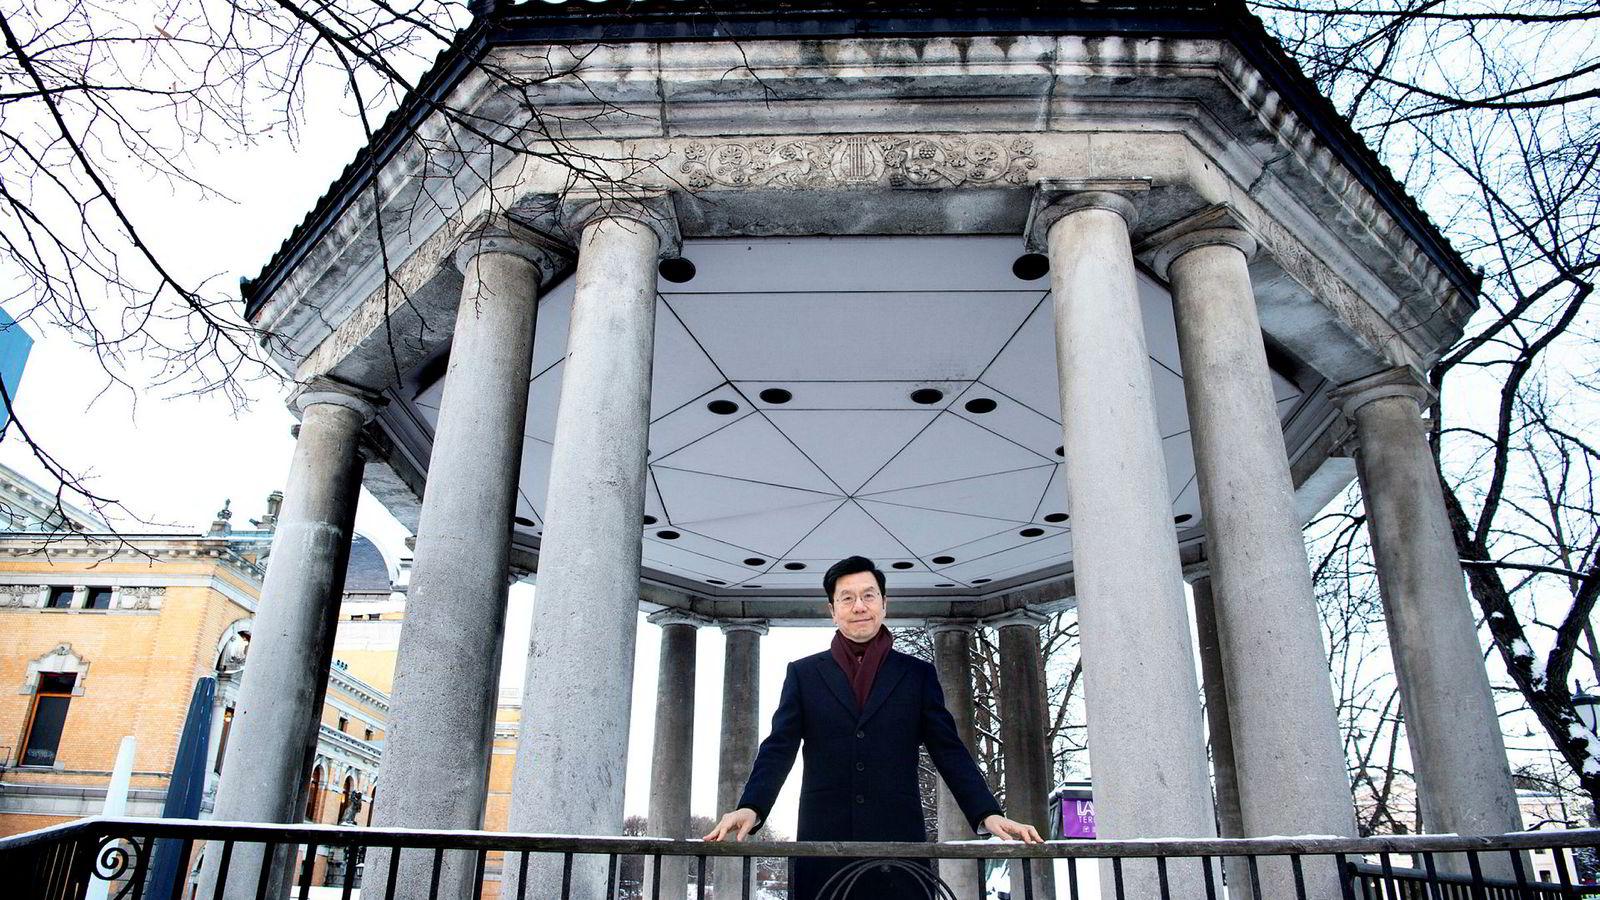 – Gjør som henne, sier Kai-Fu Lee, teknologiekspert og investor, til sin assistent når DN skal ta et bilde av ham. Lee har rundt 50 millioner følgere på den kinesiske sosiale medier-tjenesten Weibo, og besøket i Oslo må dokumenteres.